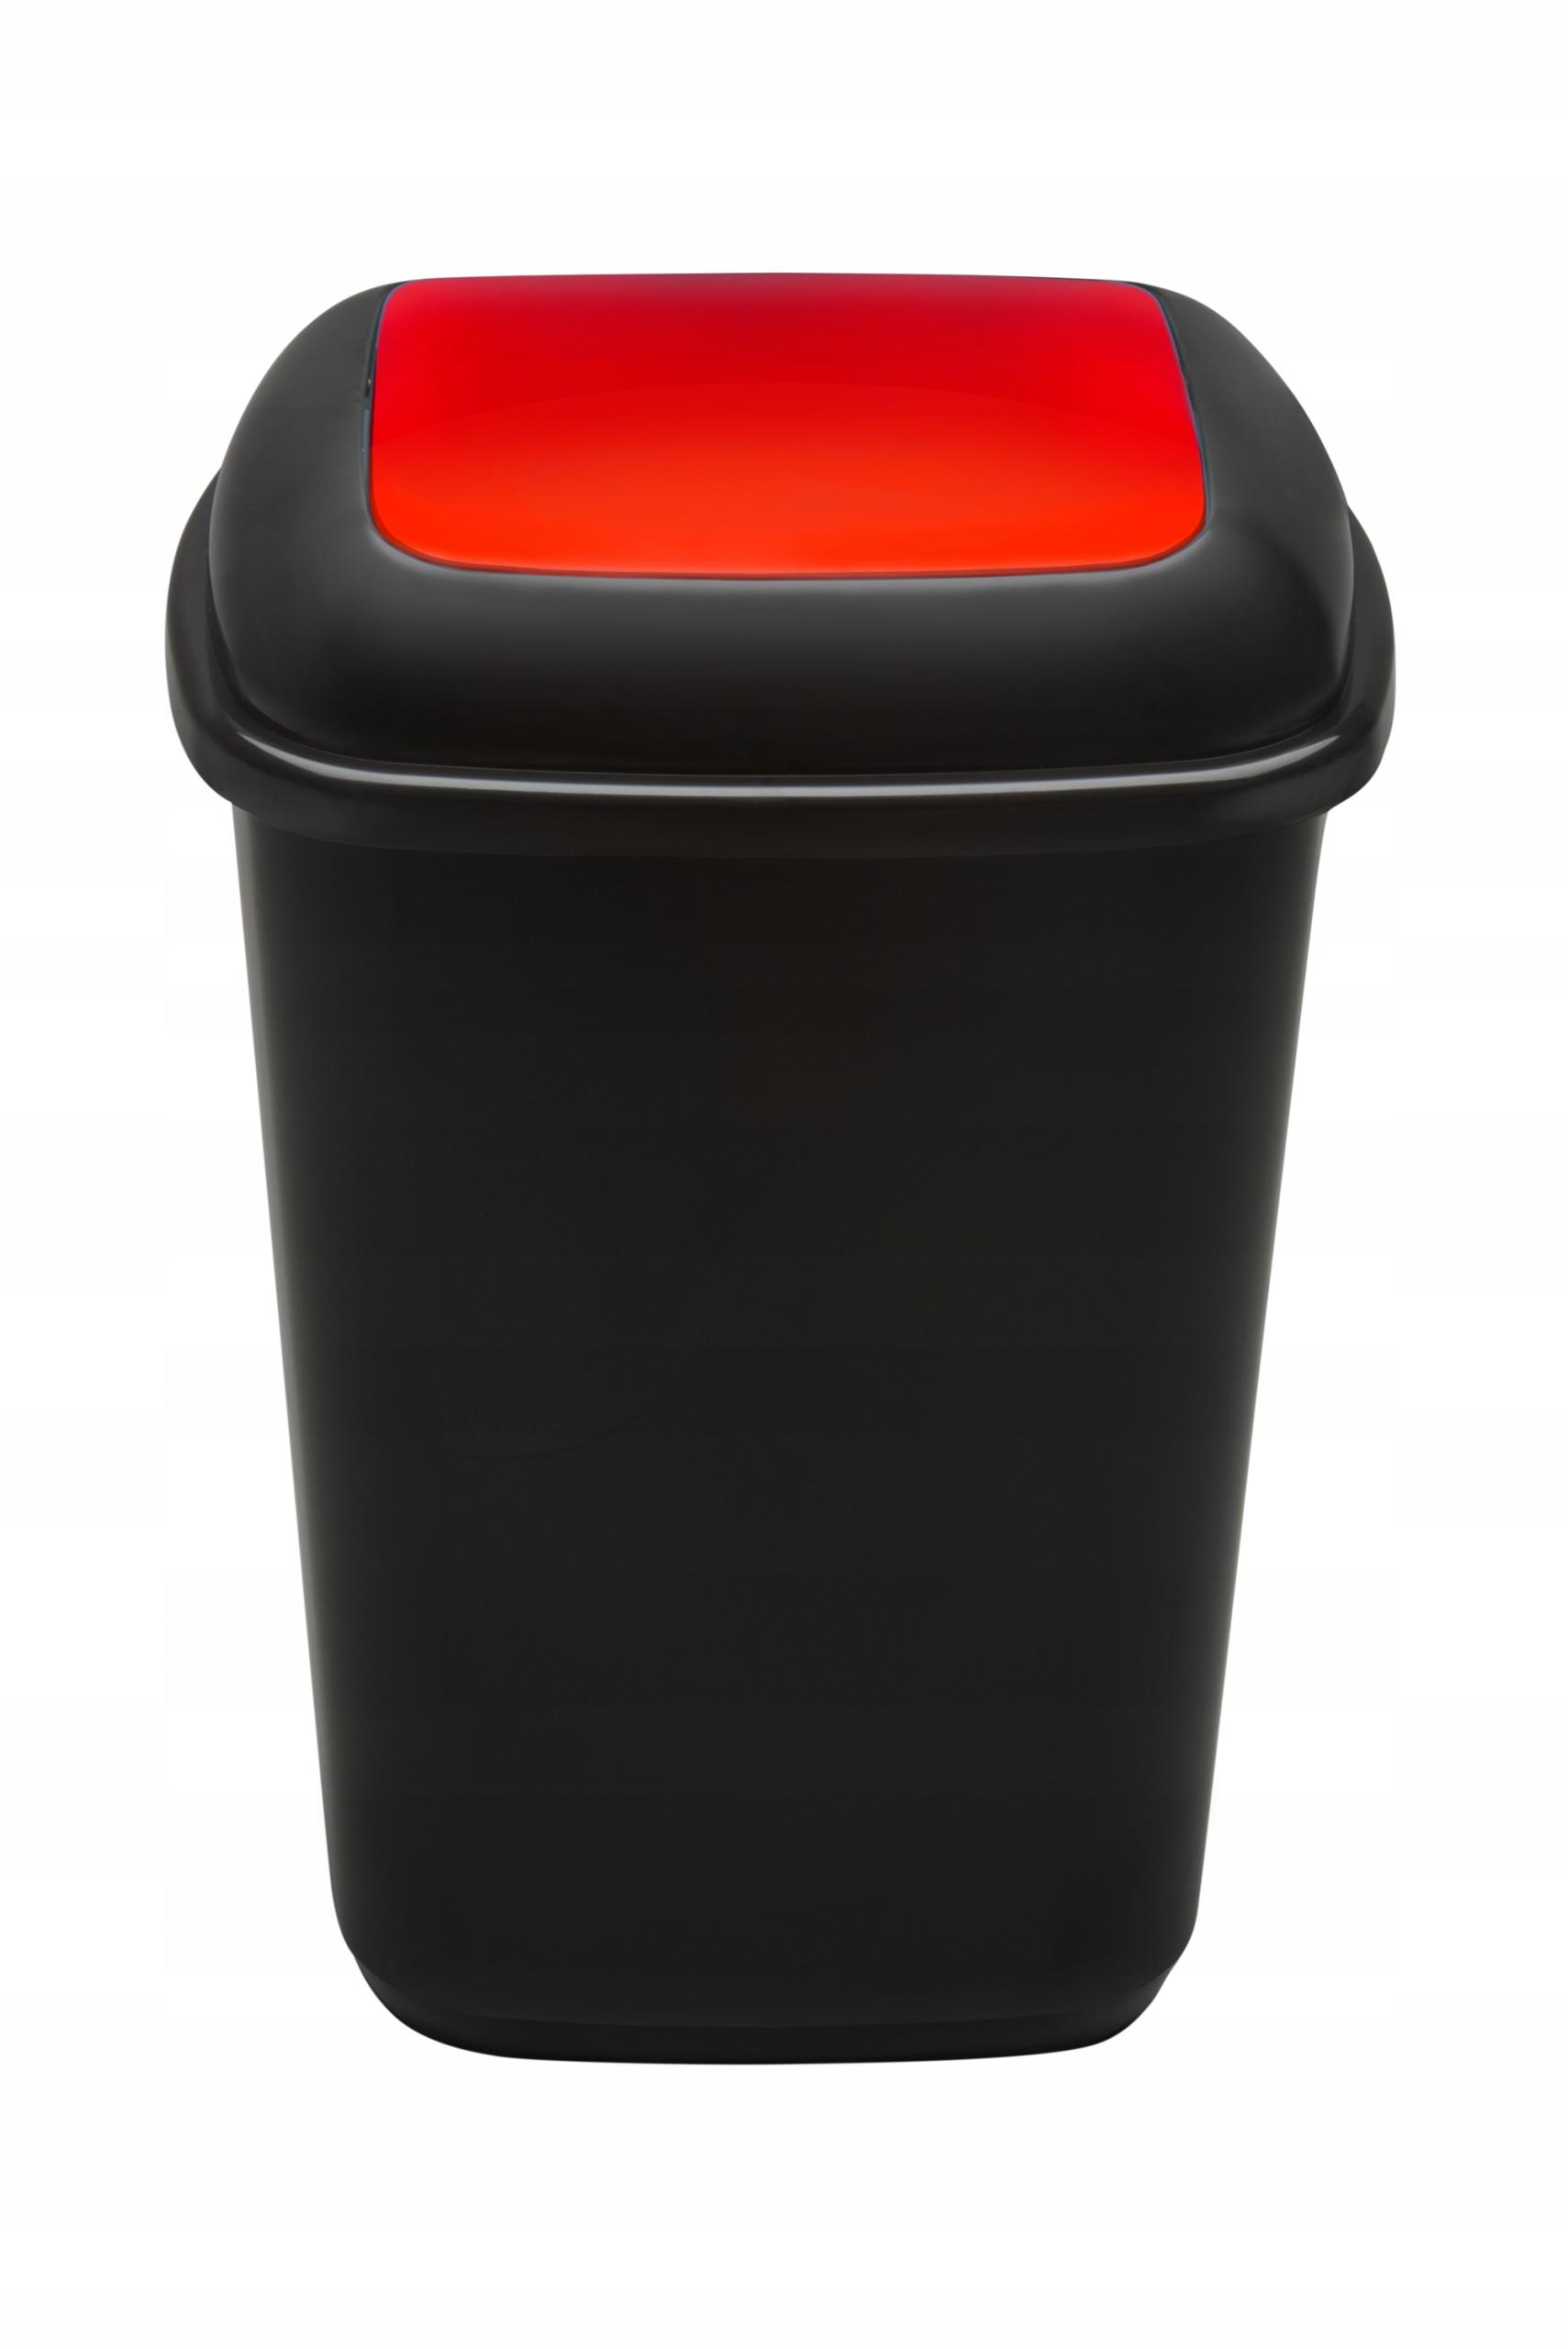 КОРЗИНА 45Л QUATRO сортировка отходов металл